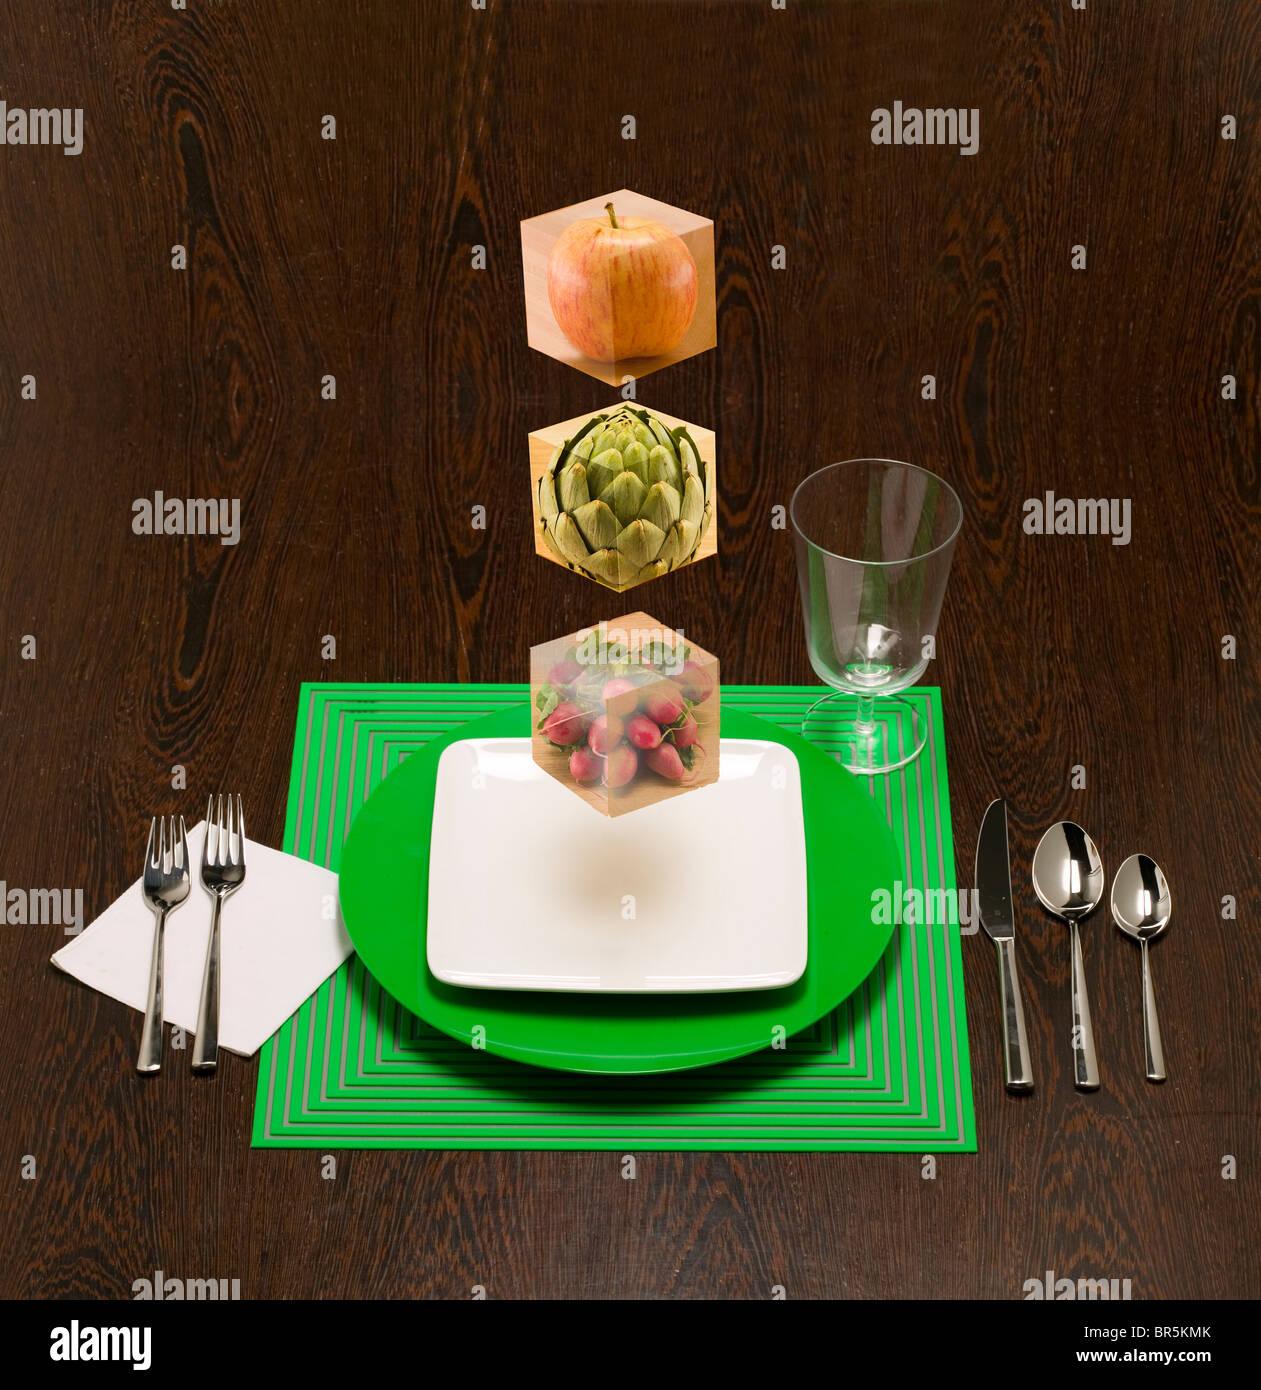 Les blocs alimentation flottante pour afficher les blocs de construction de votre régime. Photo Stock